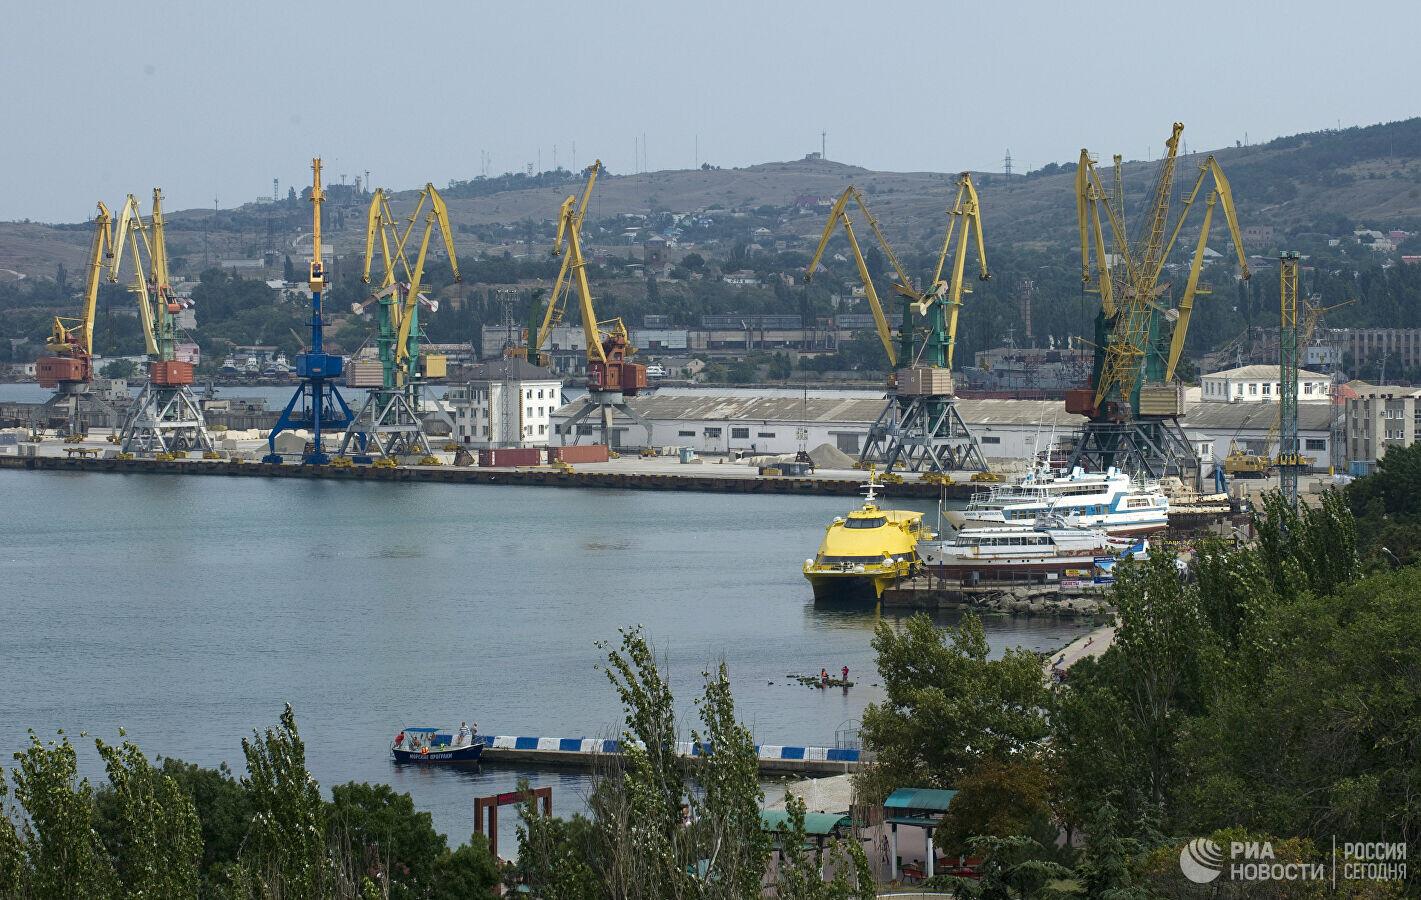 عقد جديد بقيمة مليوني دولار لتوريد المنتجات الزراعية السورية إلى روسيا